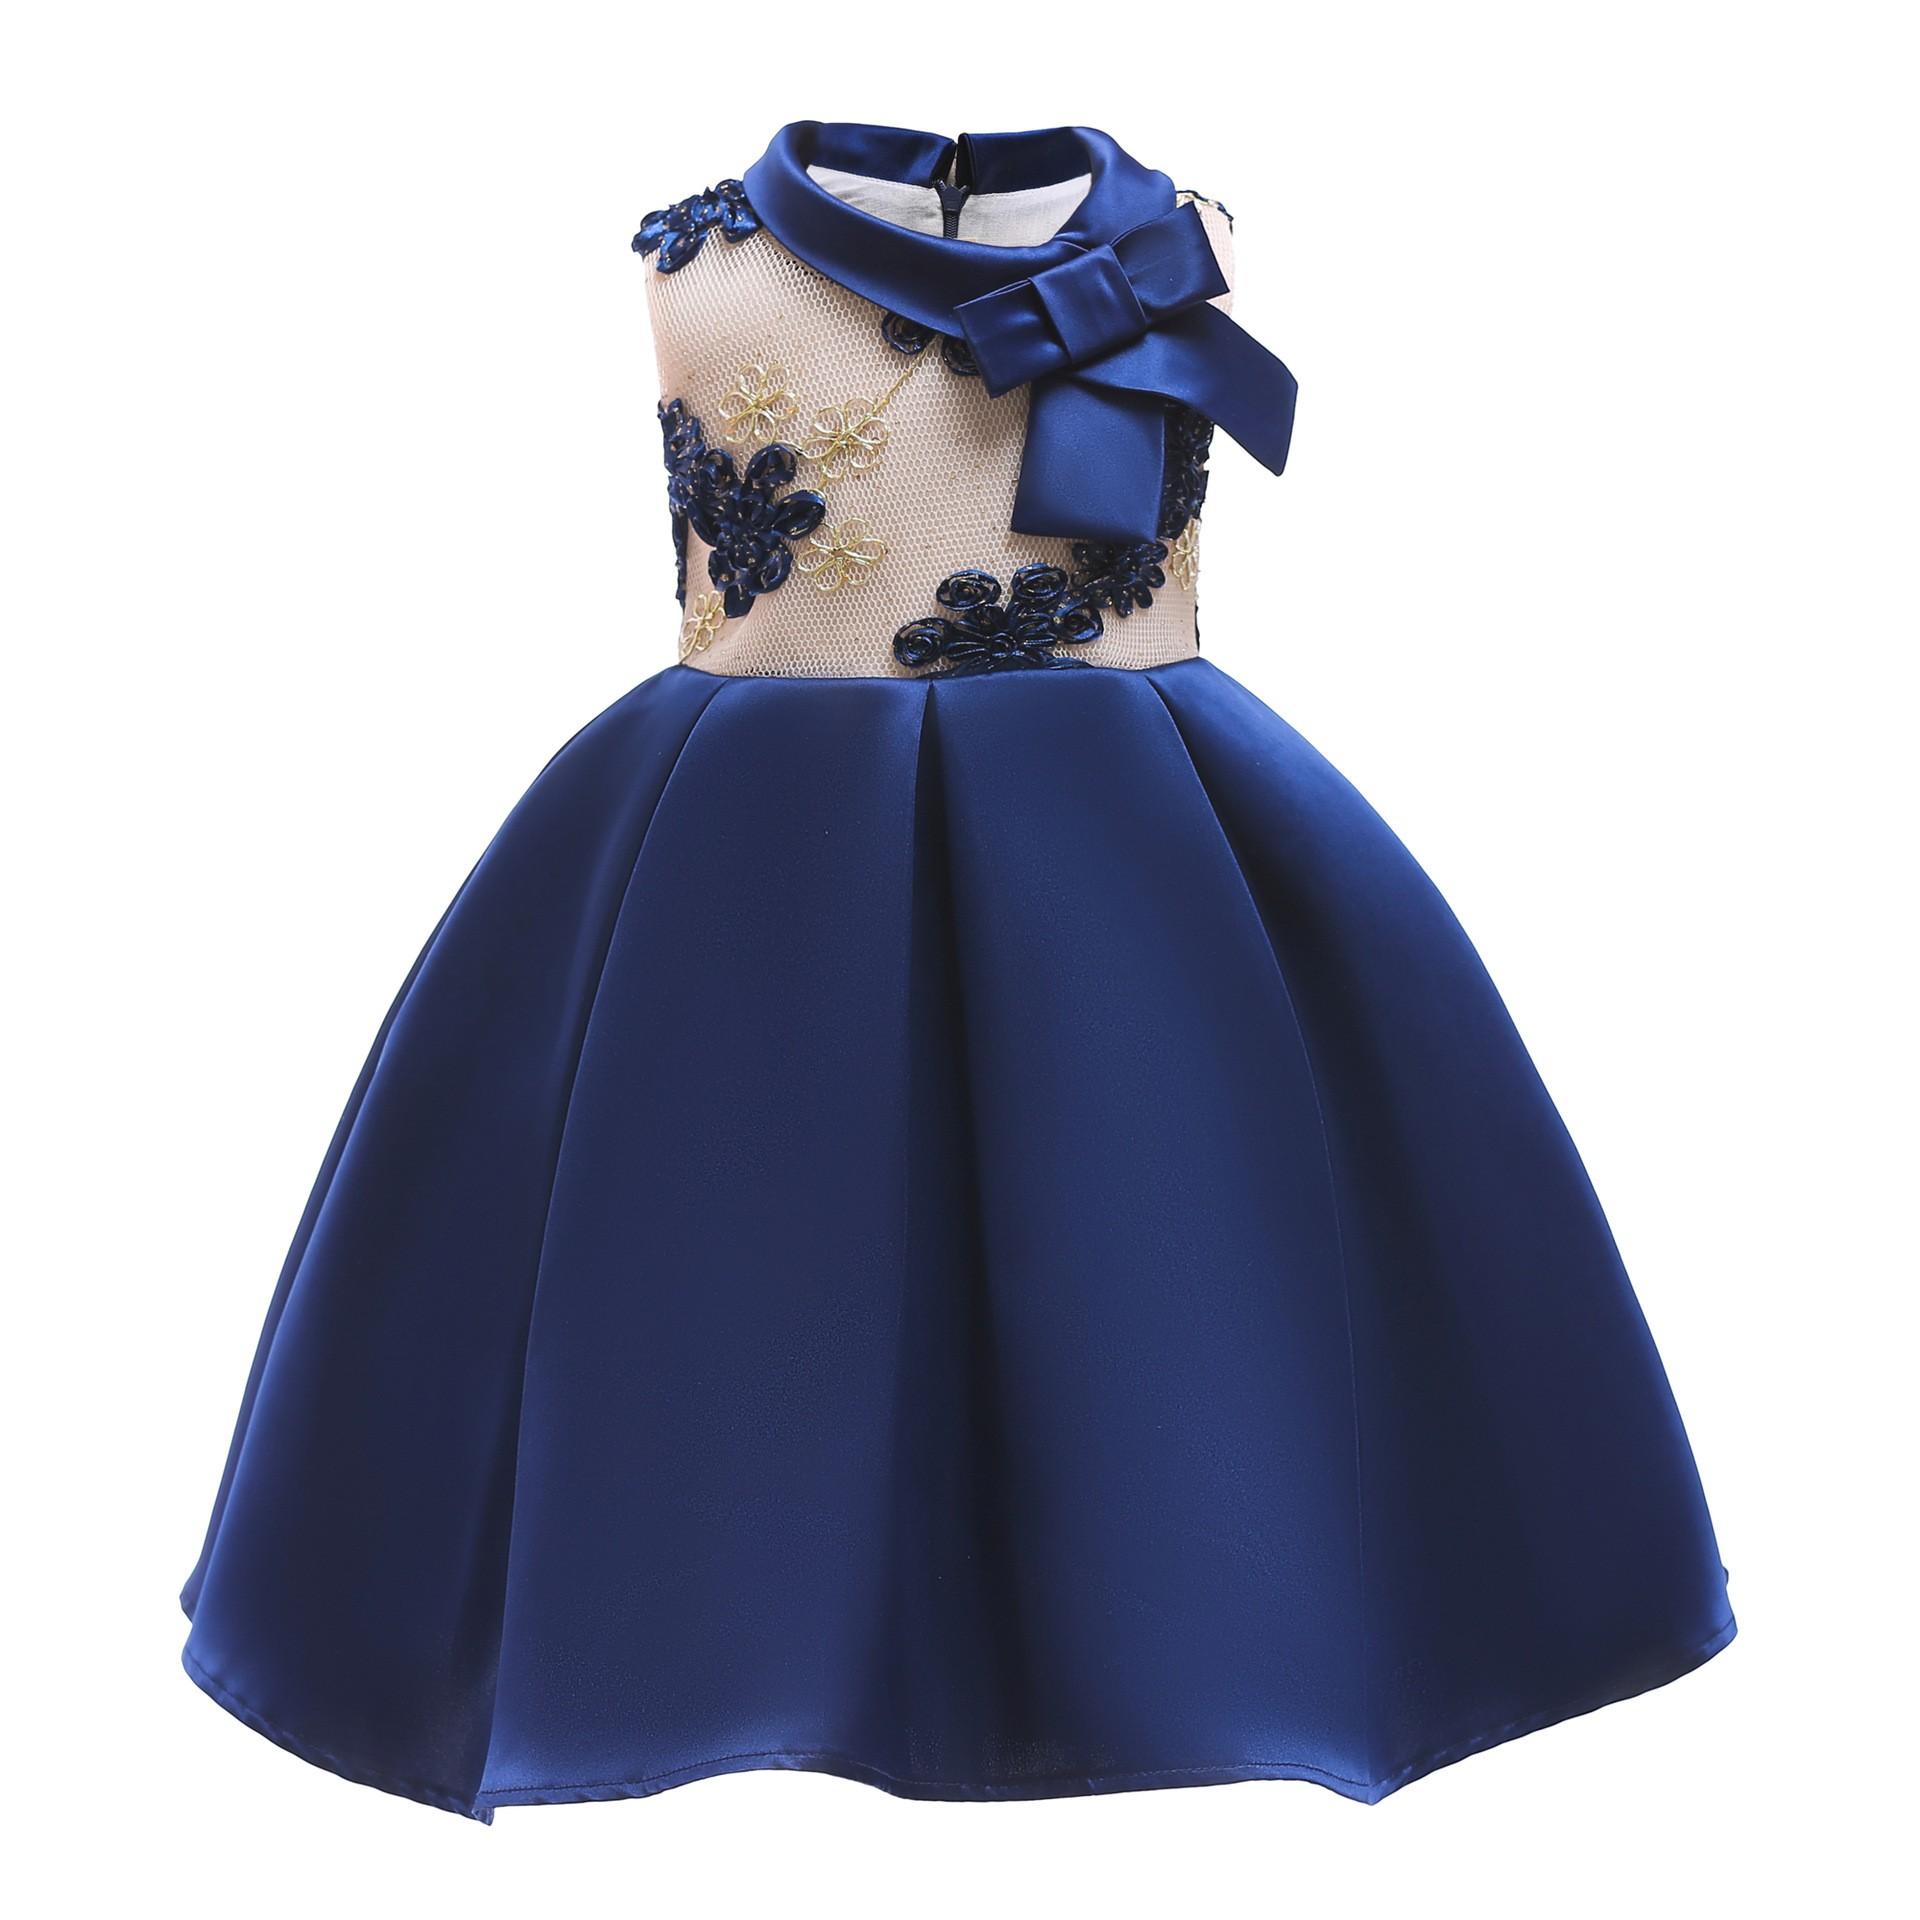 749f85baef1b3 Bébé Robe De Princesse De Broderie Pour La Fête De Mariage Enfants Robes  Enfant En Bas